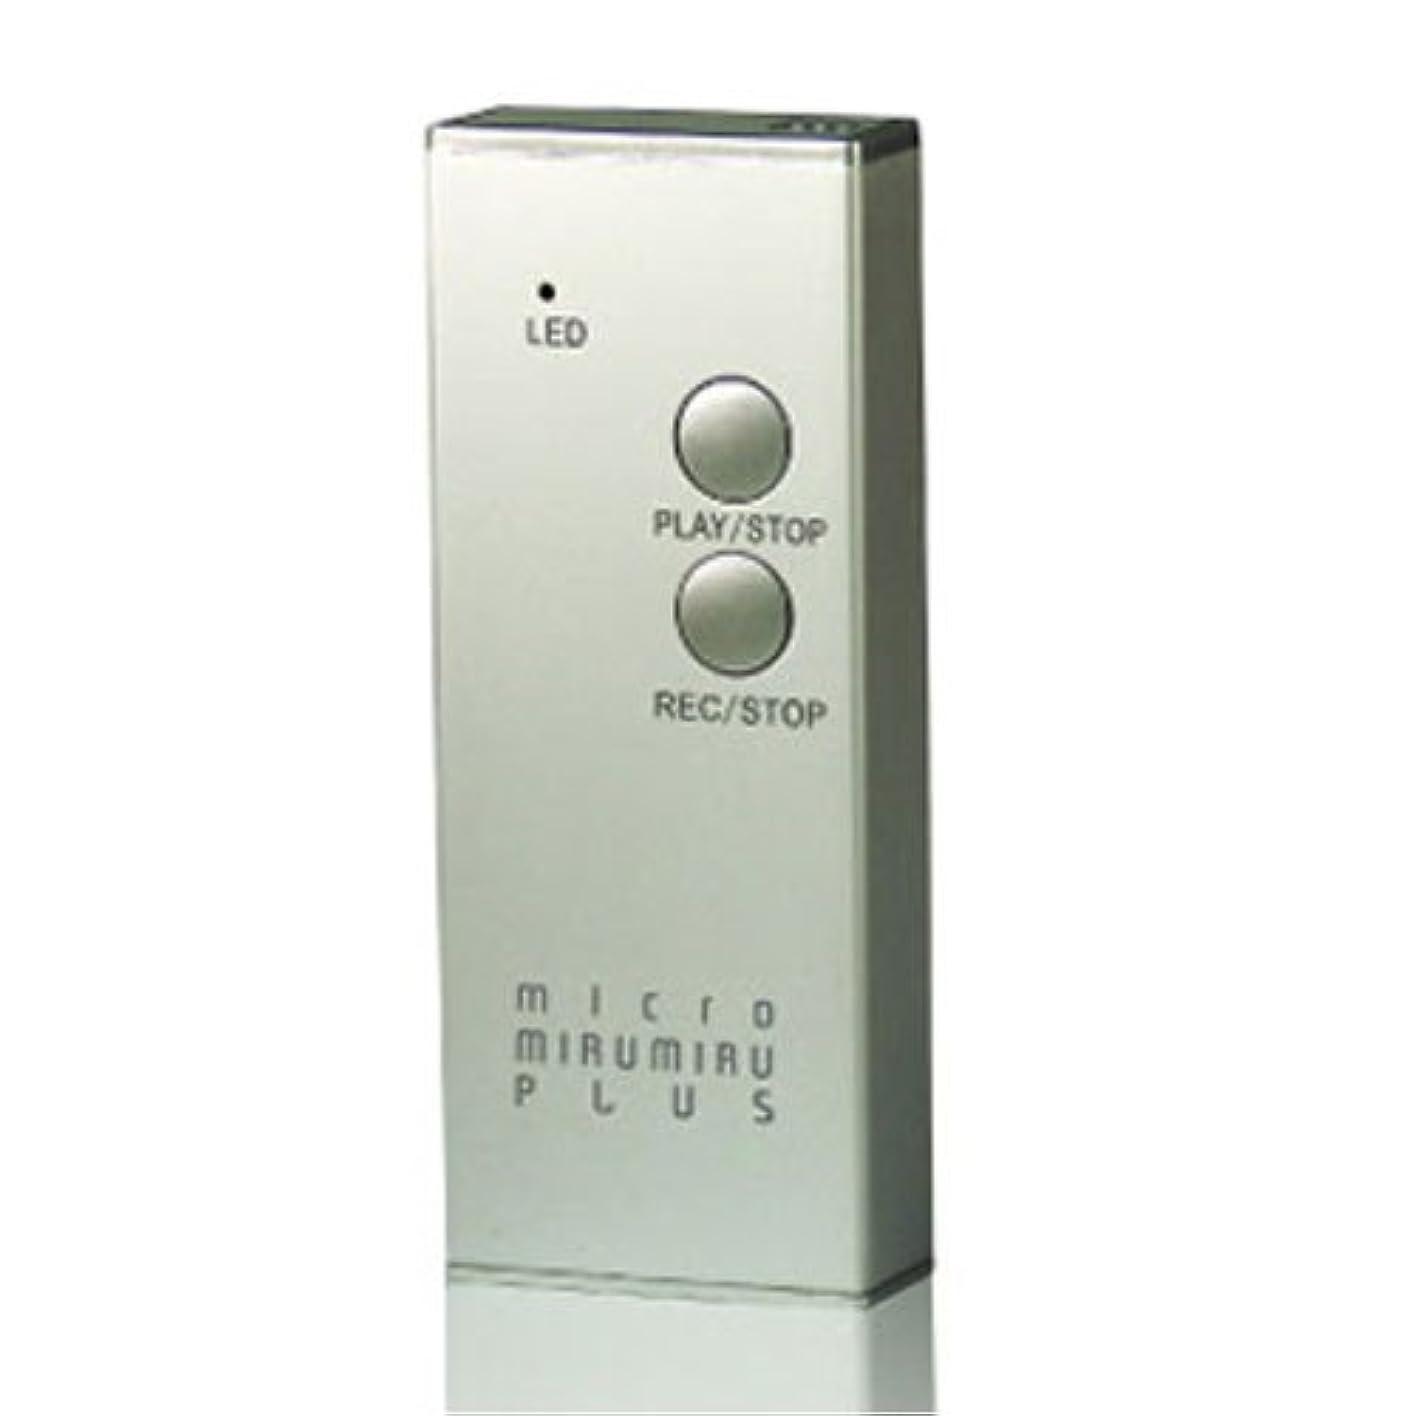 ピースドット階層Mezzo かんたん映像レコーダー 「カンロク」 パソコンいらずの簡単デジタルレコーダー